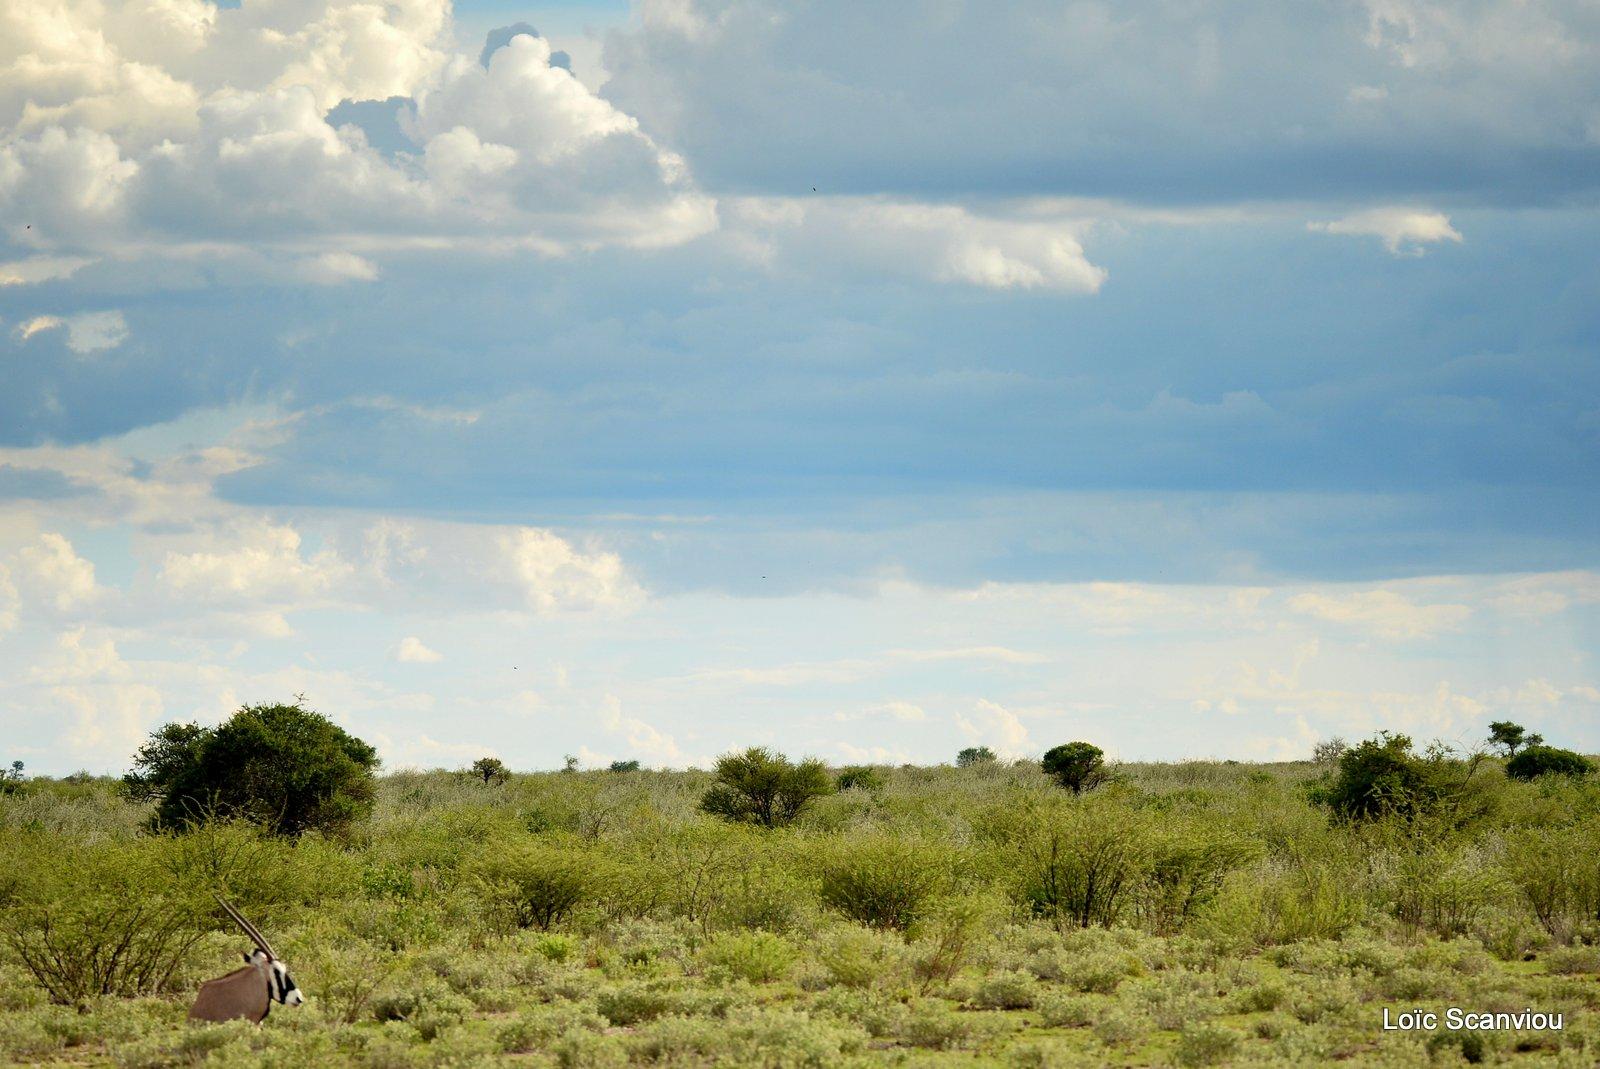 Oryx gazelle/Gemsbok (19)